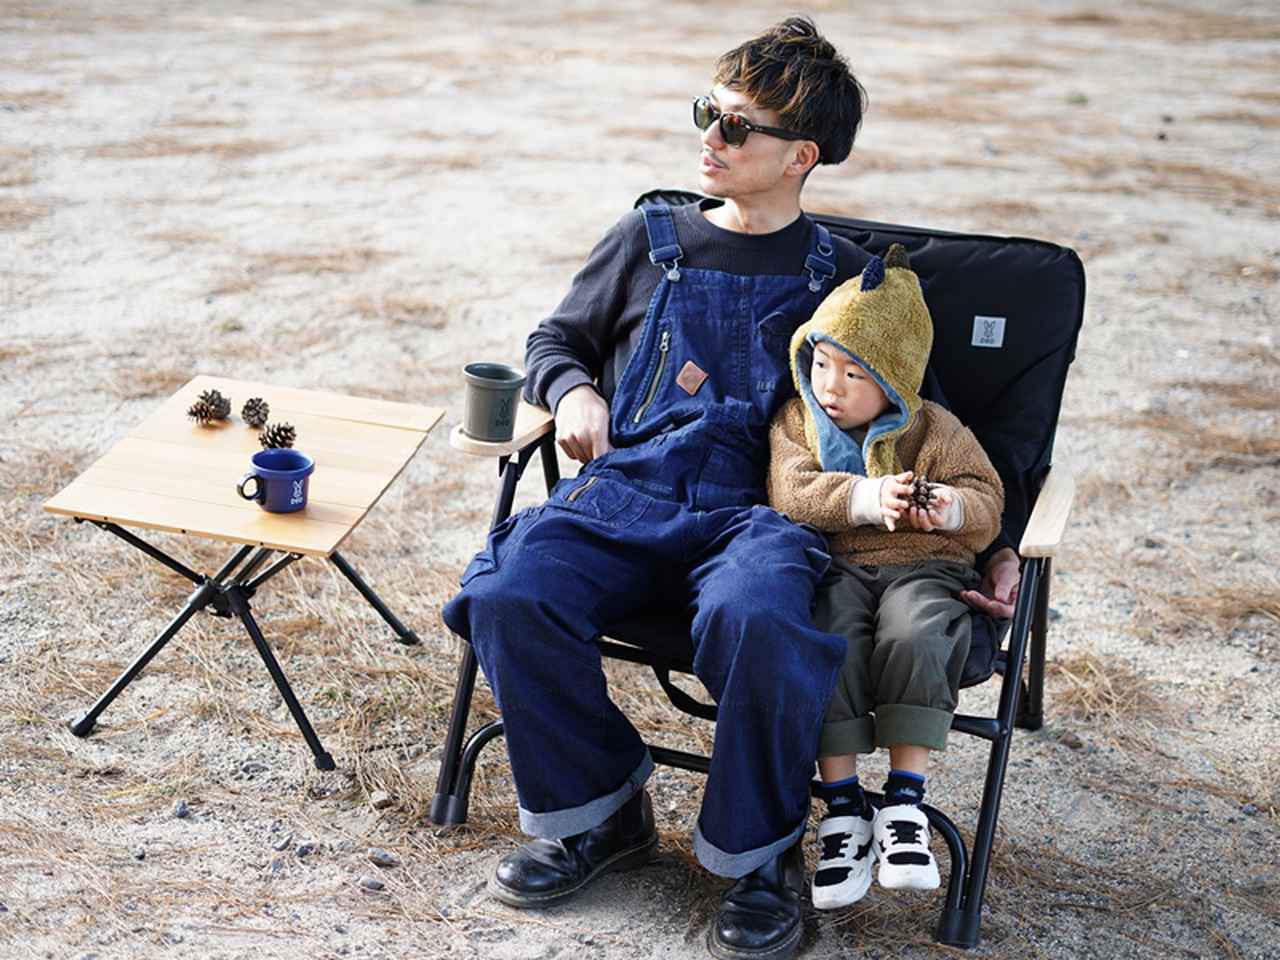 画像: 【注目リリース】ユトリチェア & オヤコチェア by DOD(ディーオーディー) 。キャンプでも家でも贅沢な座り心地を味わえるチェアが誕生! - ハピキャン(HAPPY CAMPER)